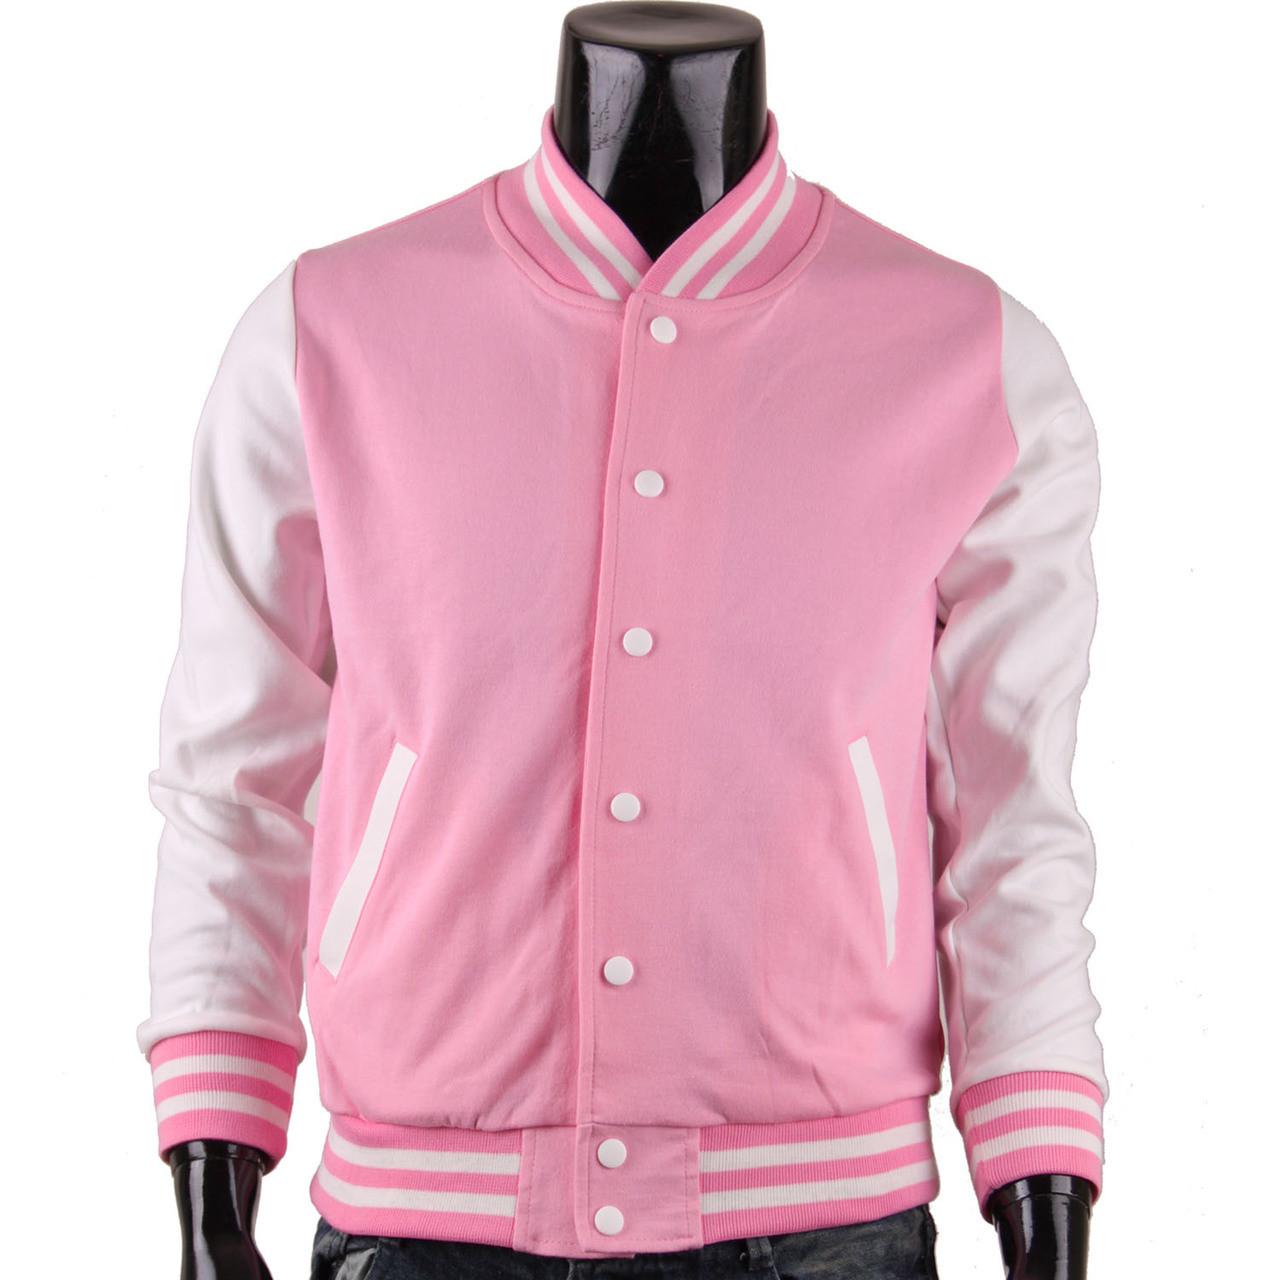 BCPOLO Men's Pink Baseball Jacket Varsity Jacket Letterman Jacket